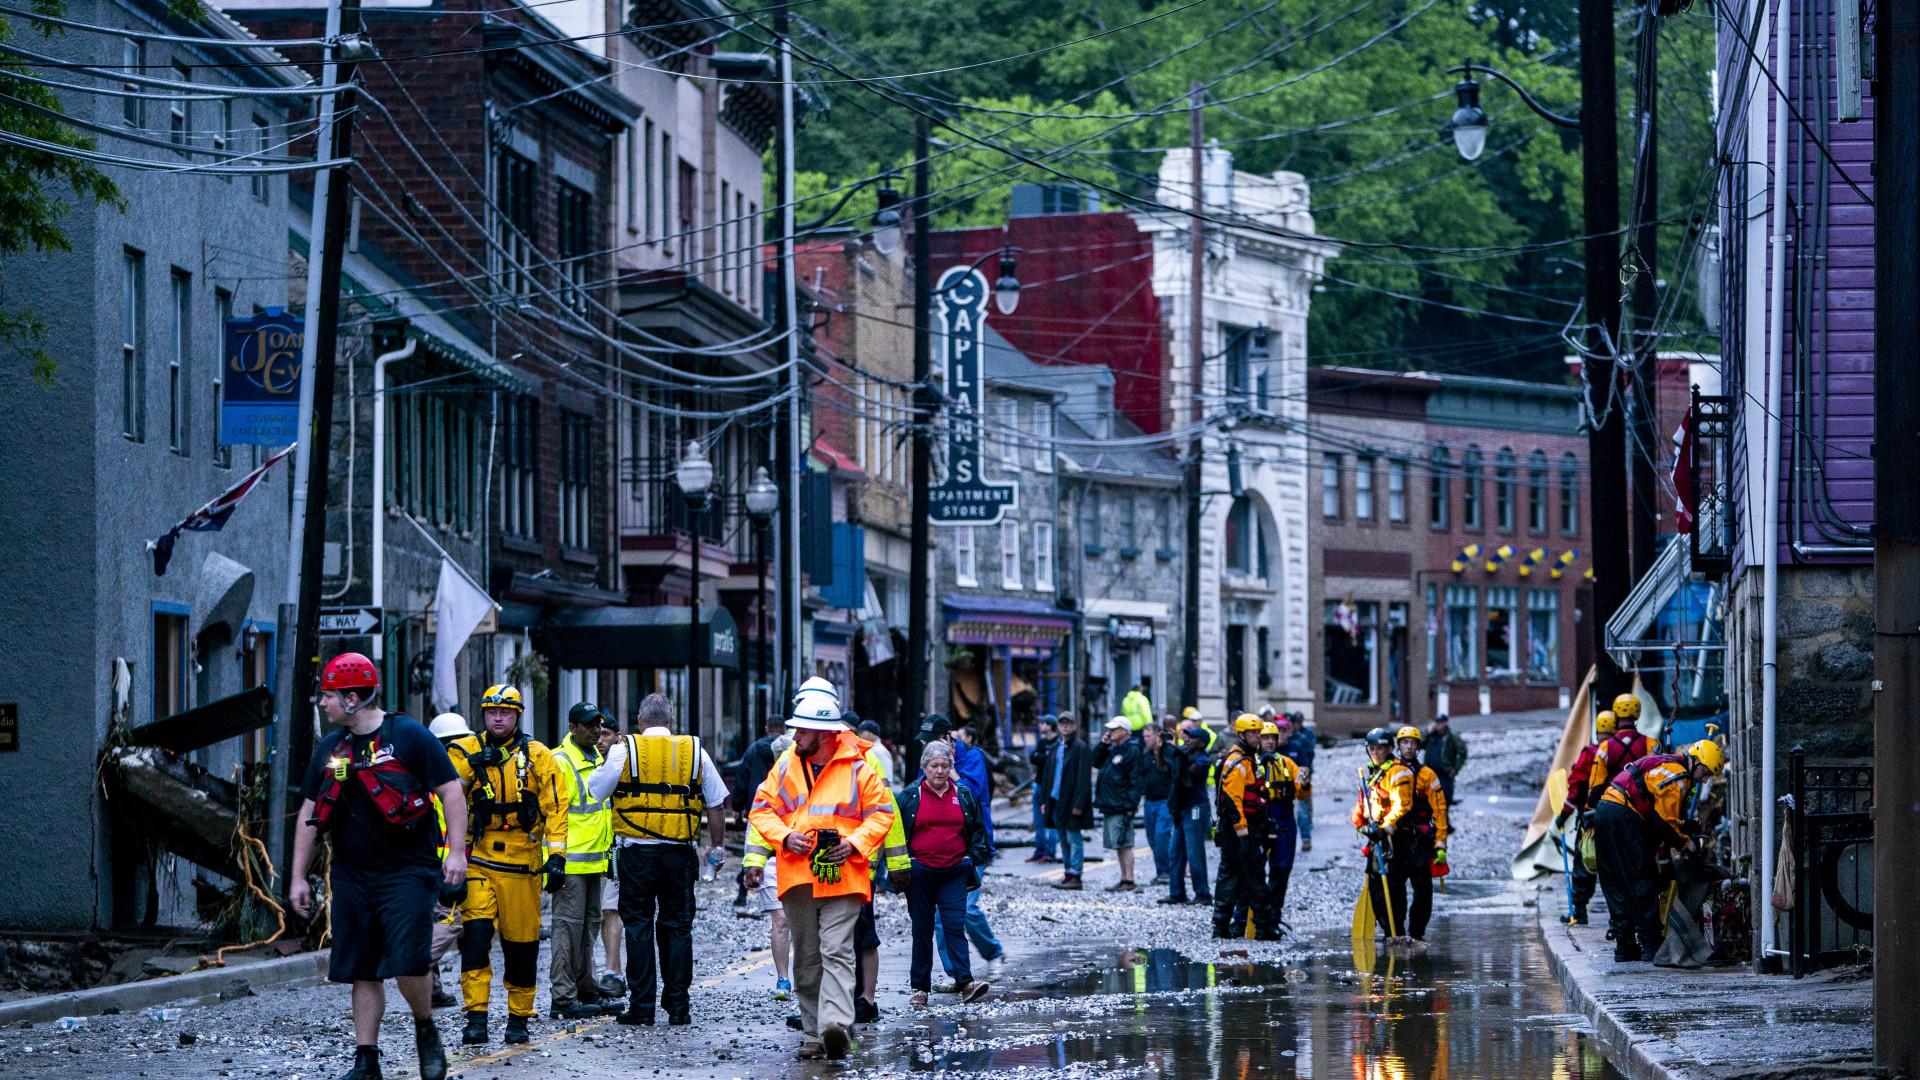 Estado de emergência em Maryland devido a inundações